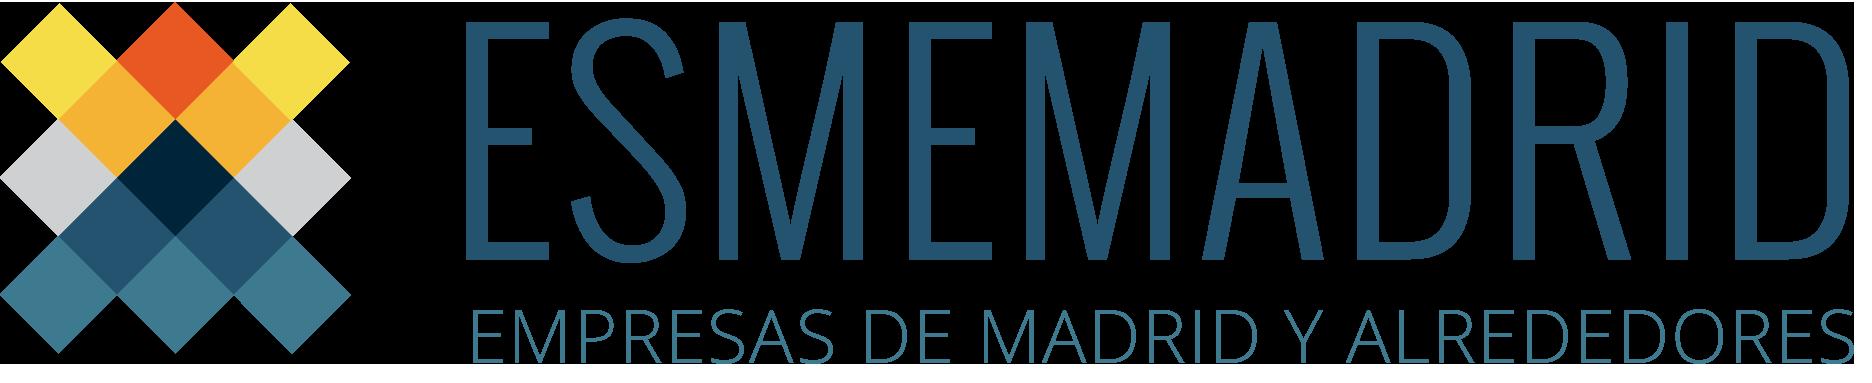 Empresas de Madrid y alrededores